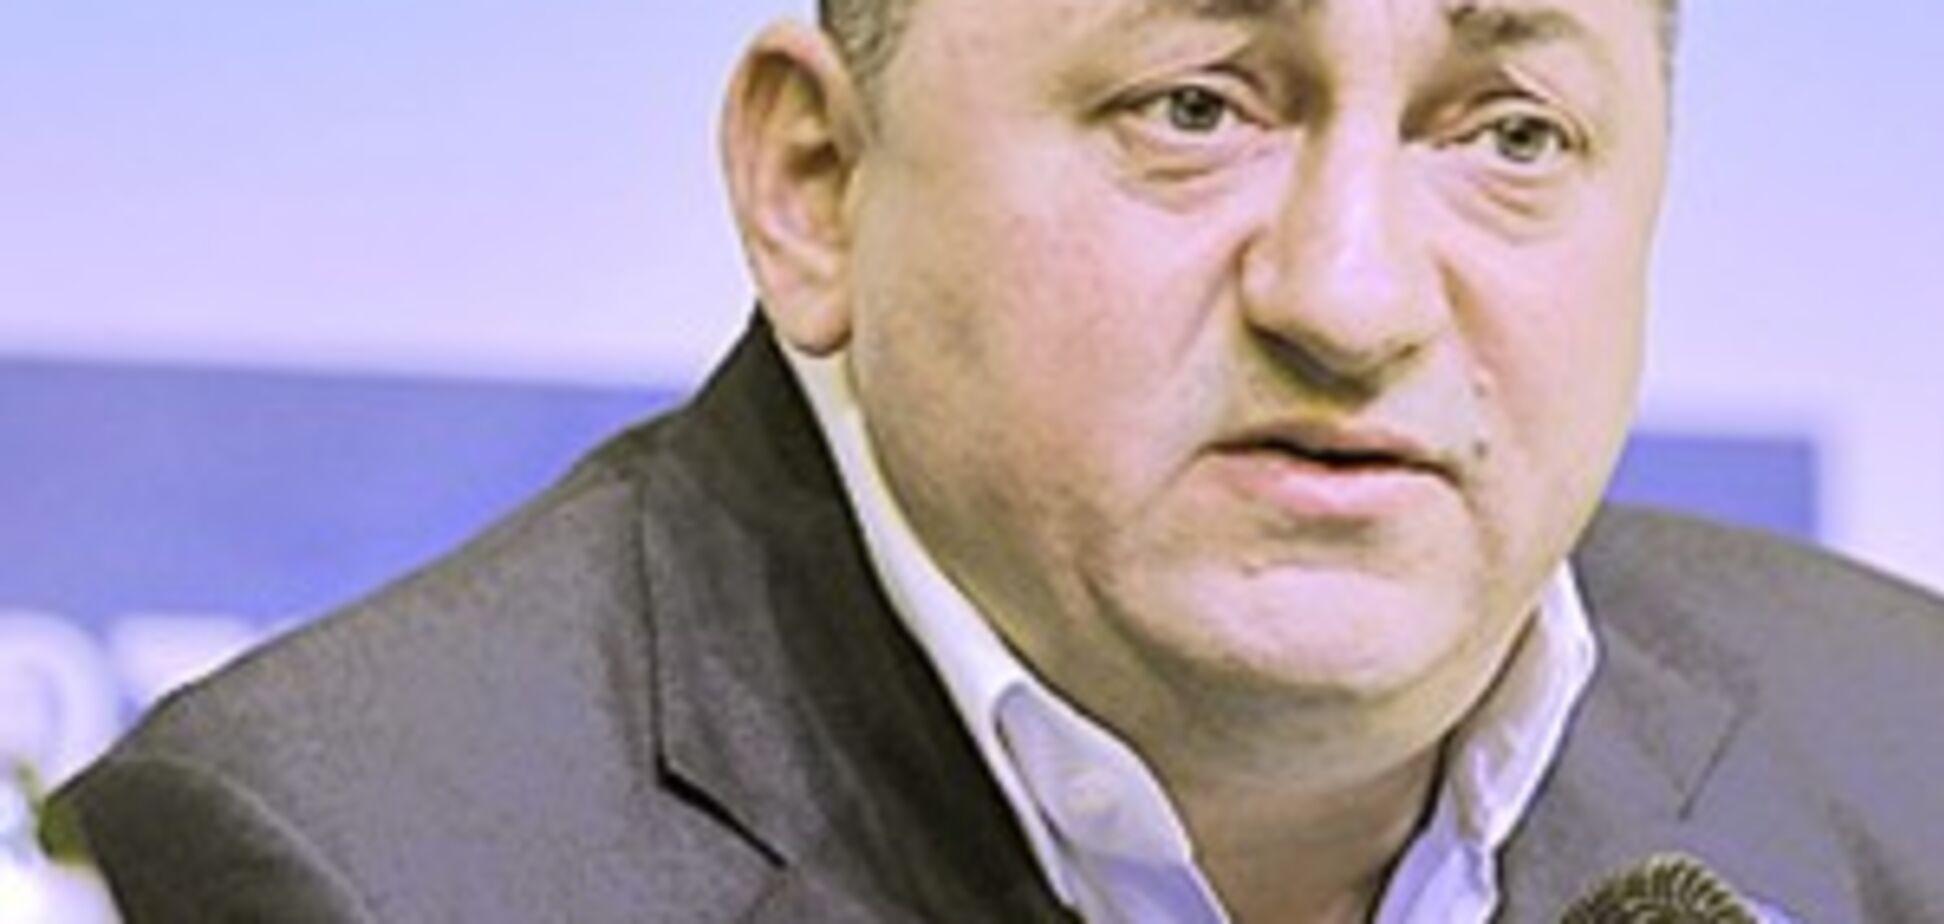 Бізнес під окупантами: знайдені докази роботи магазинів Гереги в Криму